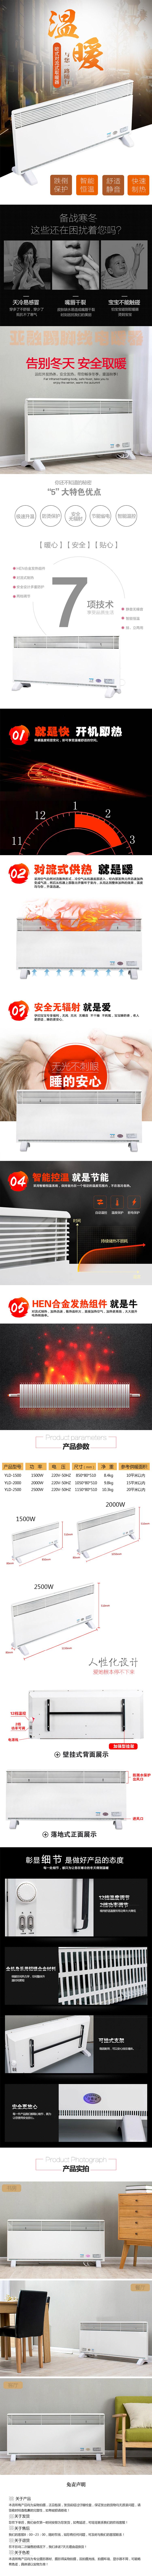 普朗克电暖器